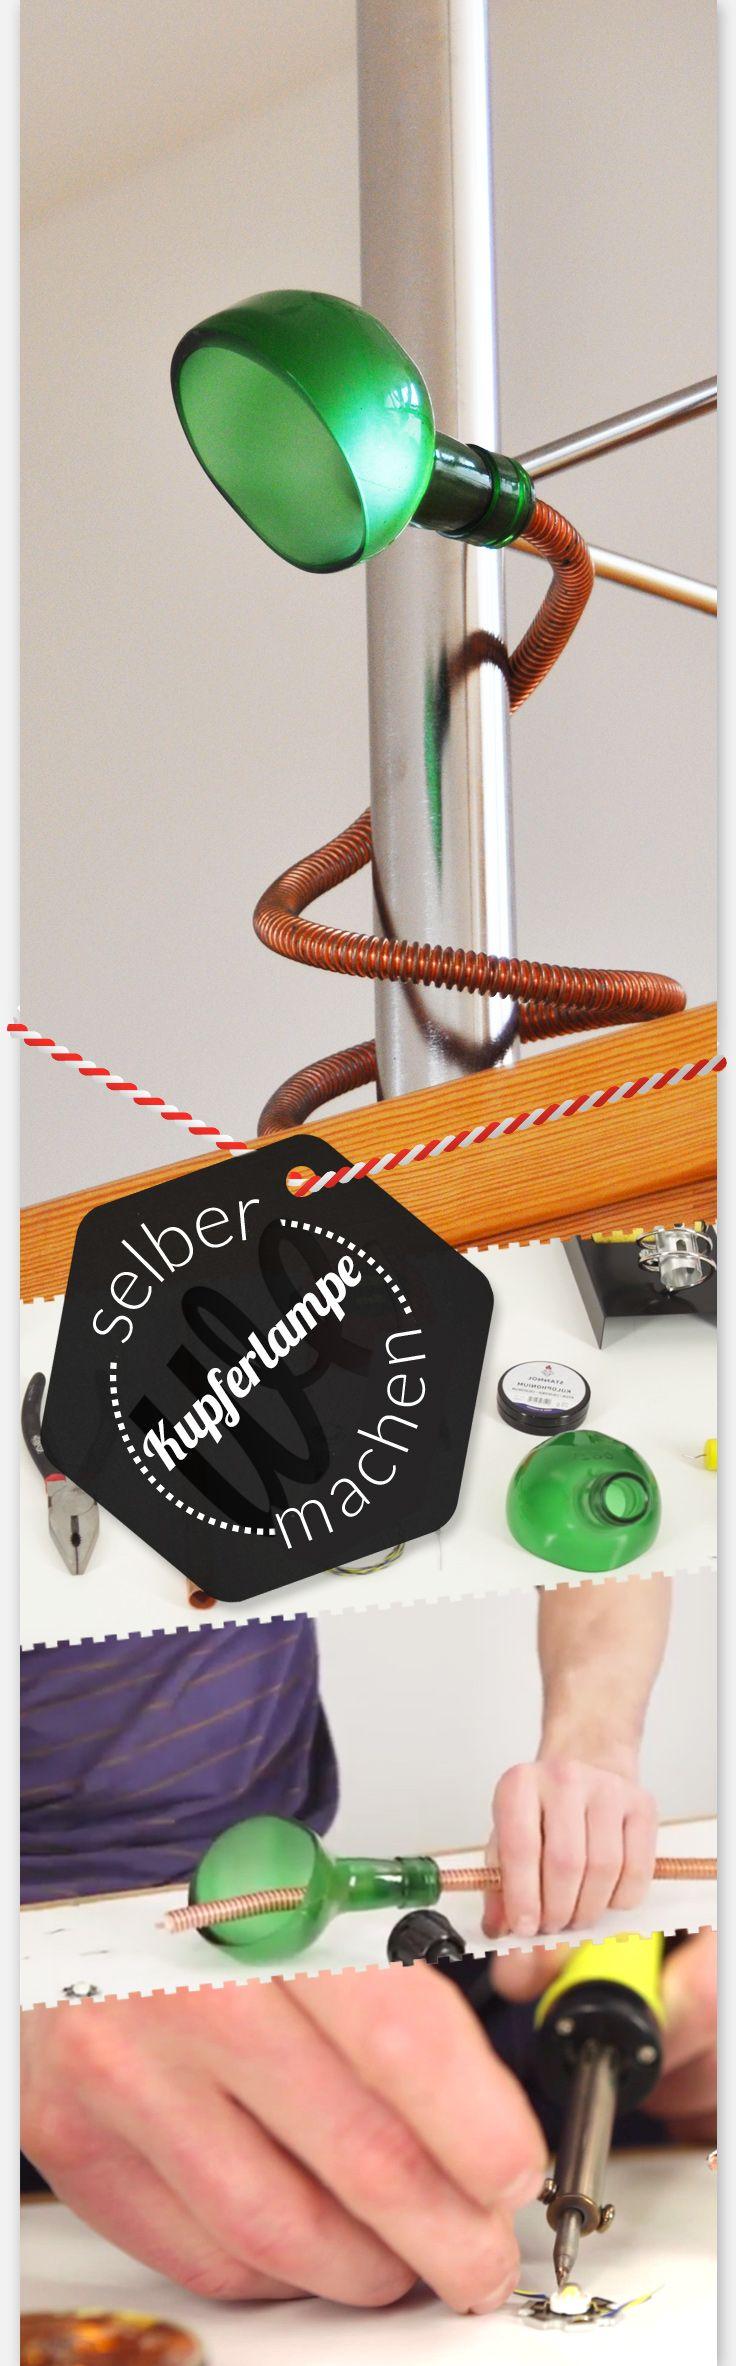 Die besten 25+ Kupfer löten Ideen auf Pinterest | Schnürsenkel ...